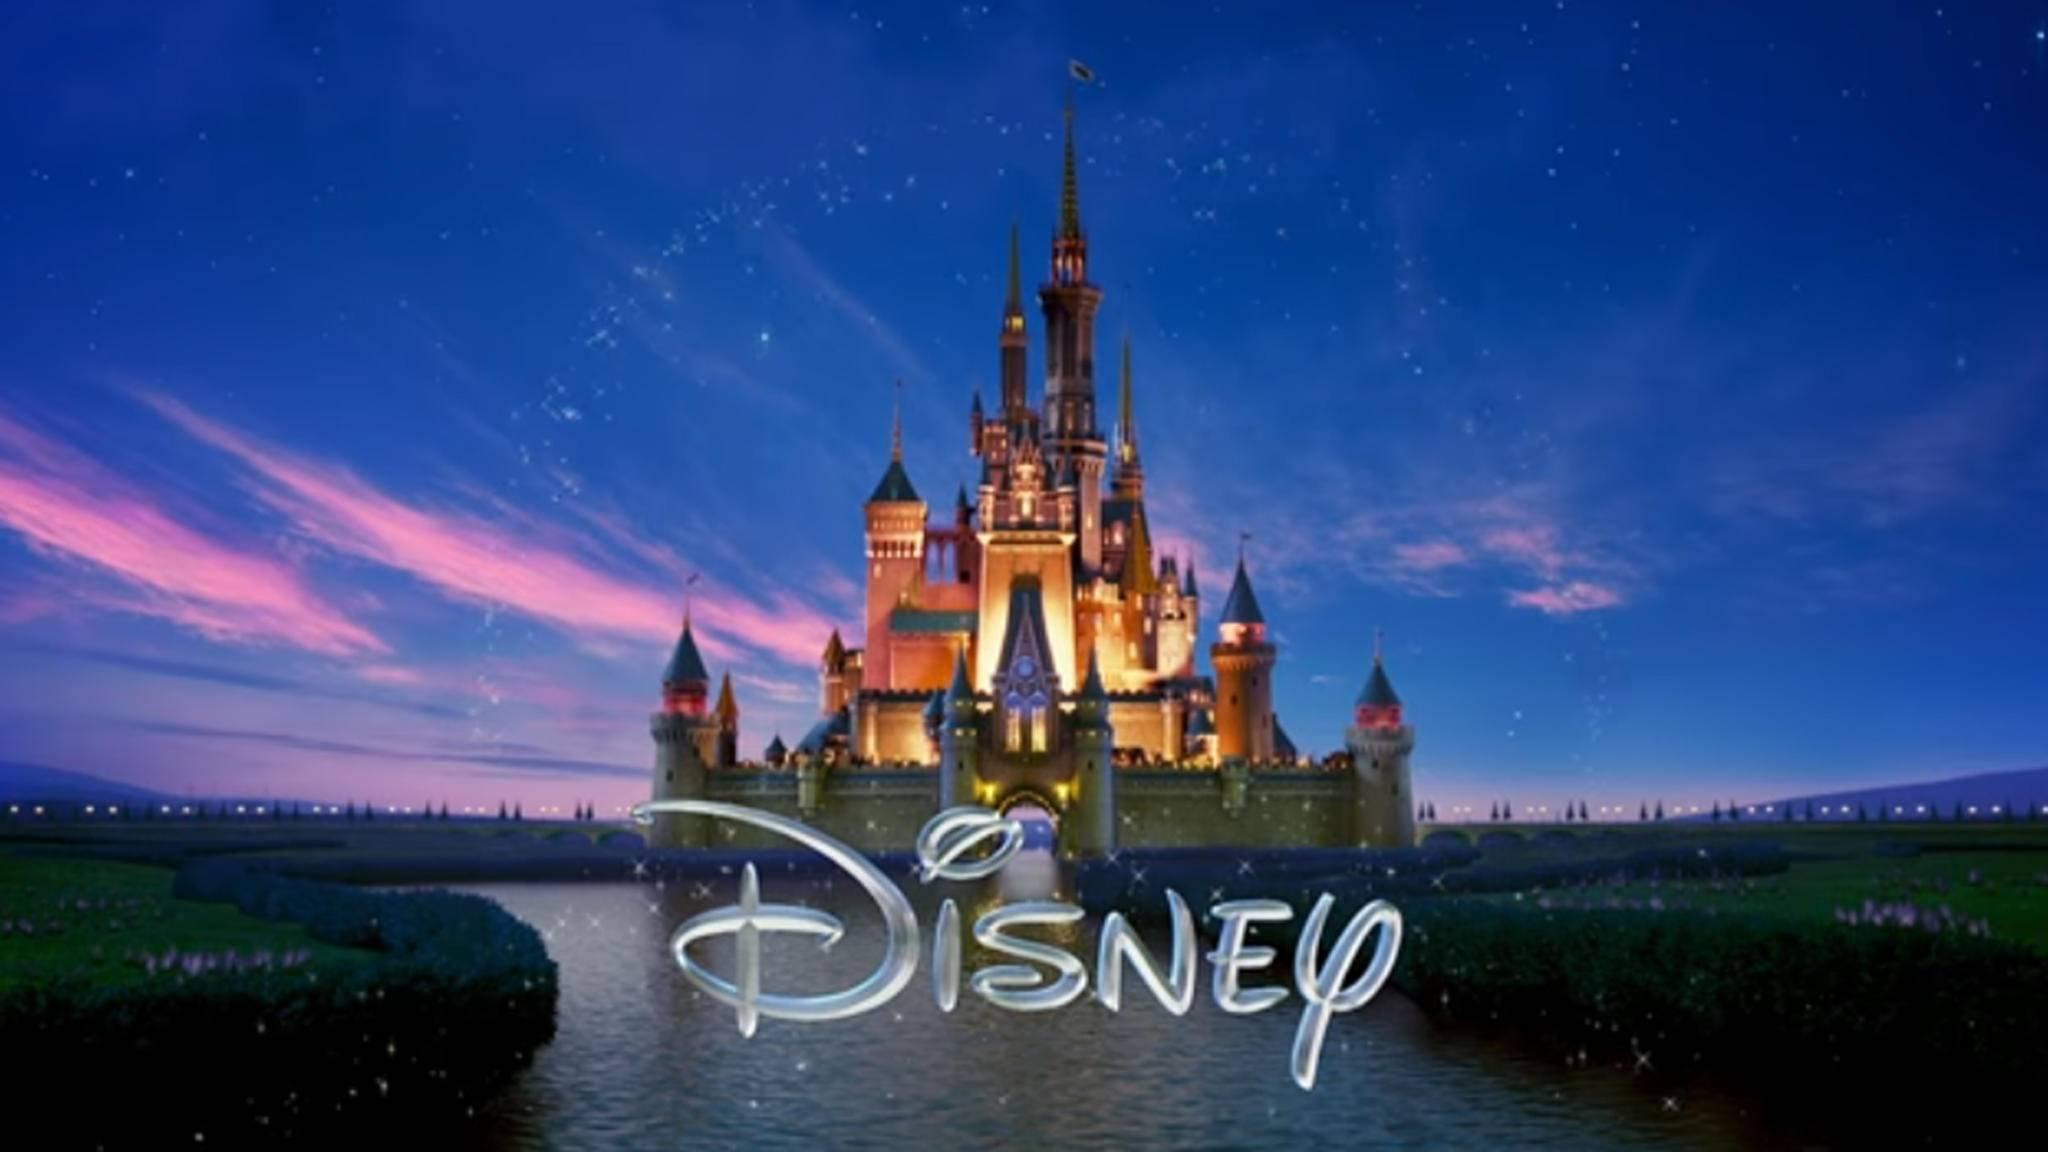 Versteckte Botschaften in Disneyfilmen gibt es immer wieder.